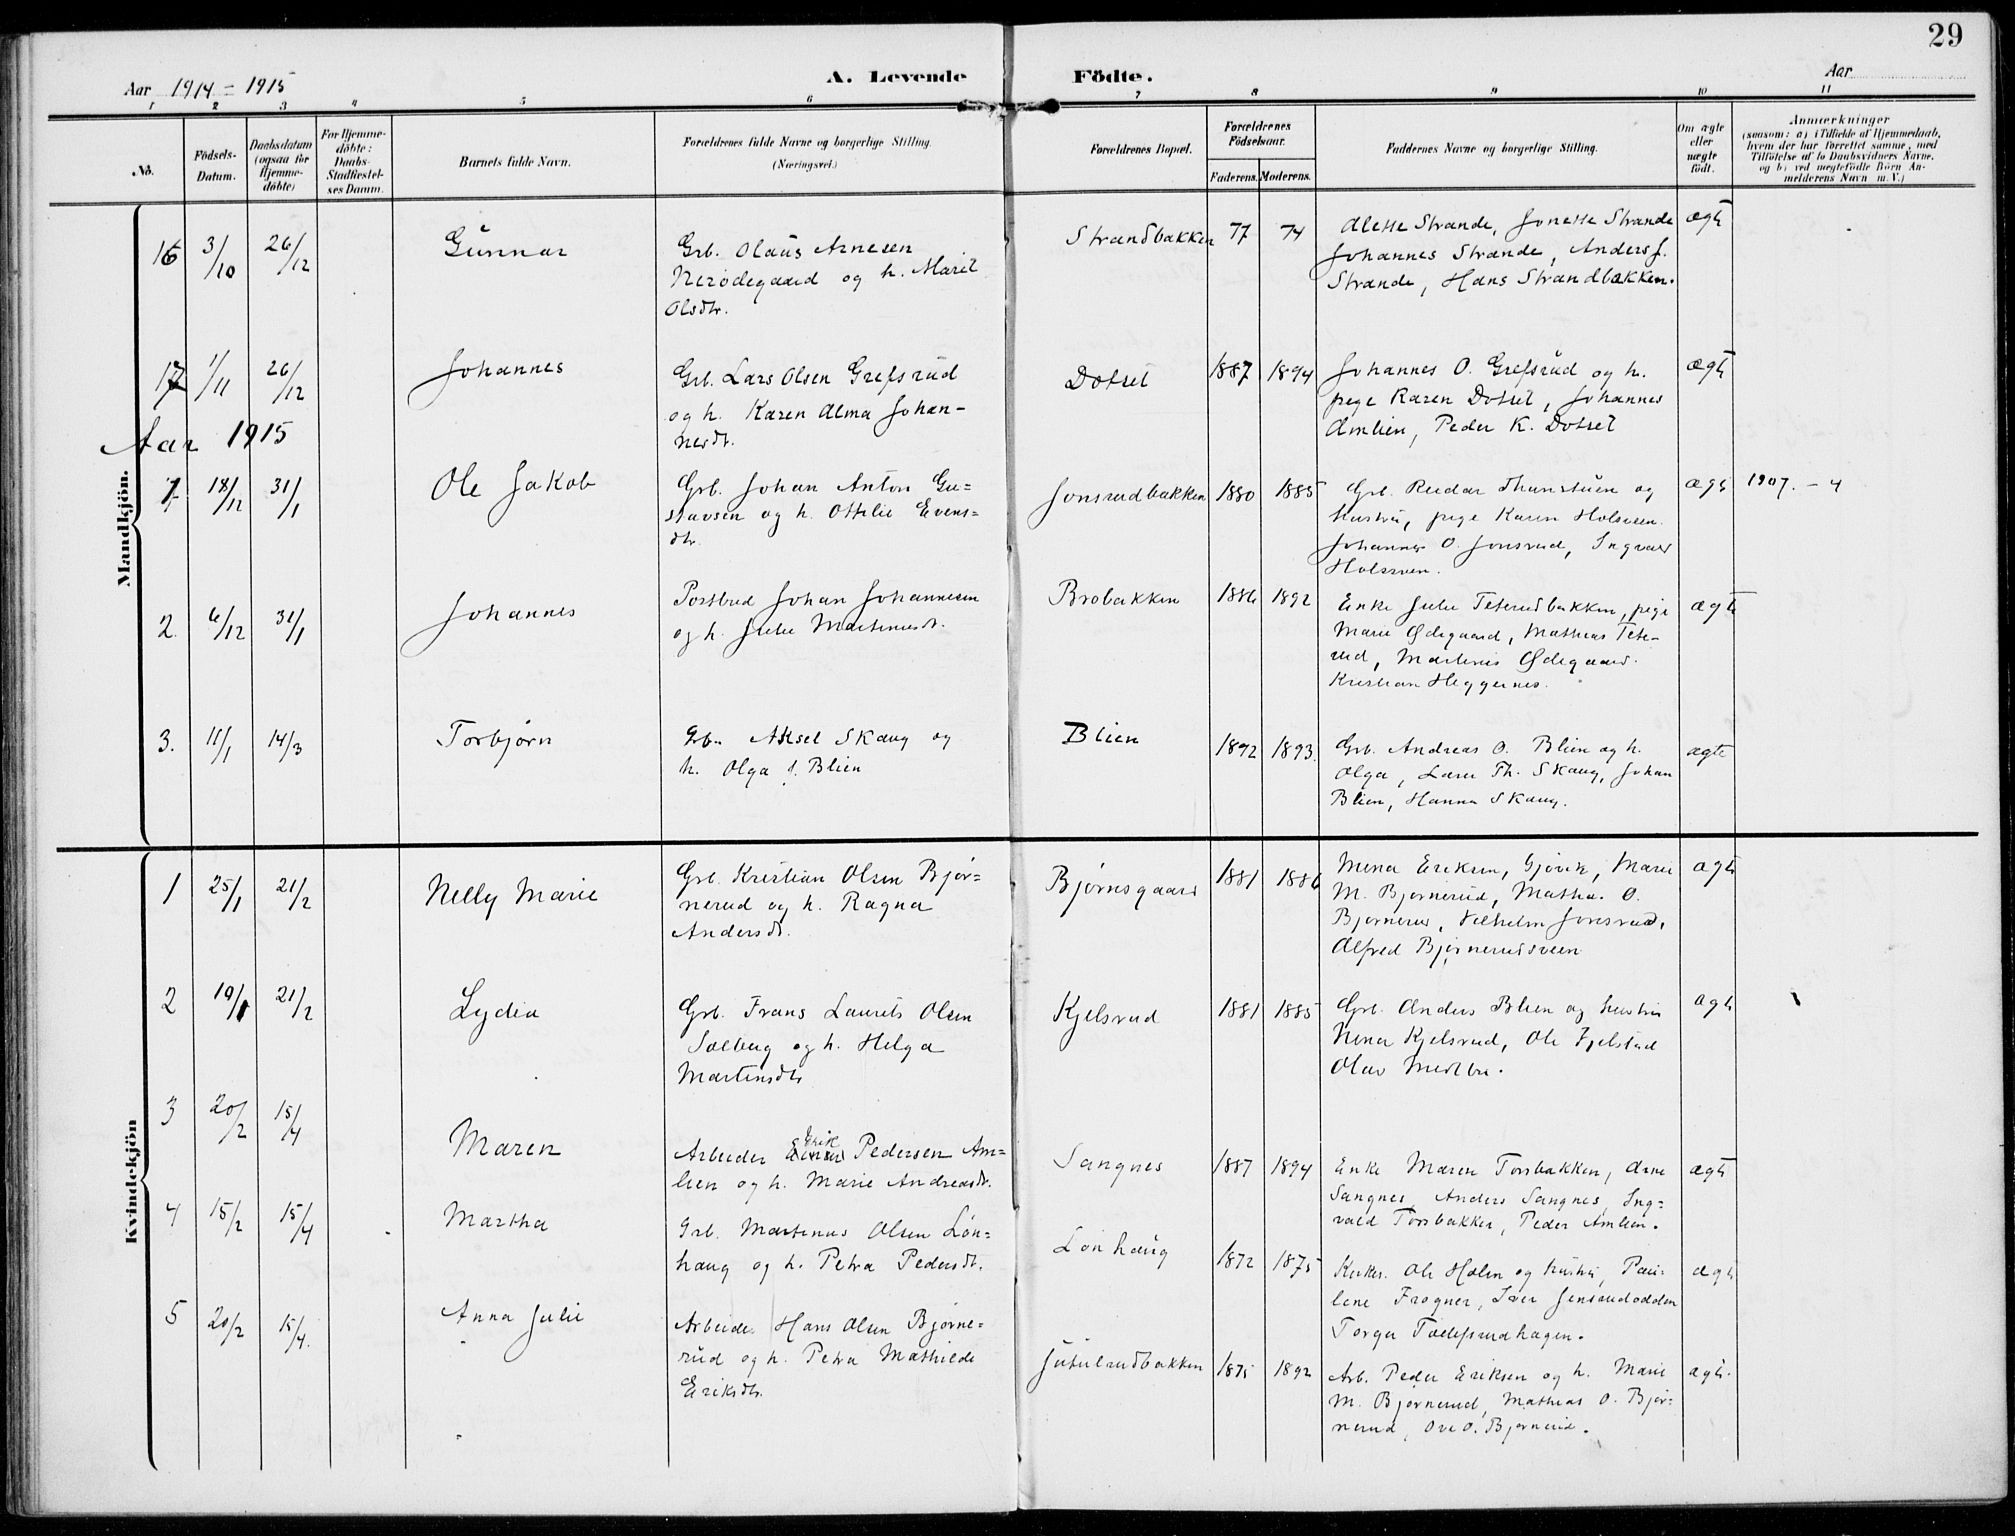 SAH, Kolbu prestekontor, Ministerialbok nr. 1, 1907-1923, s. 29